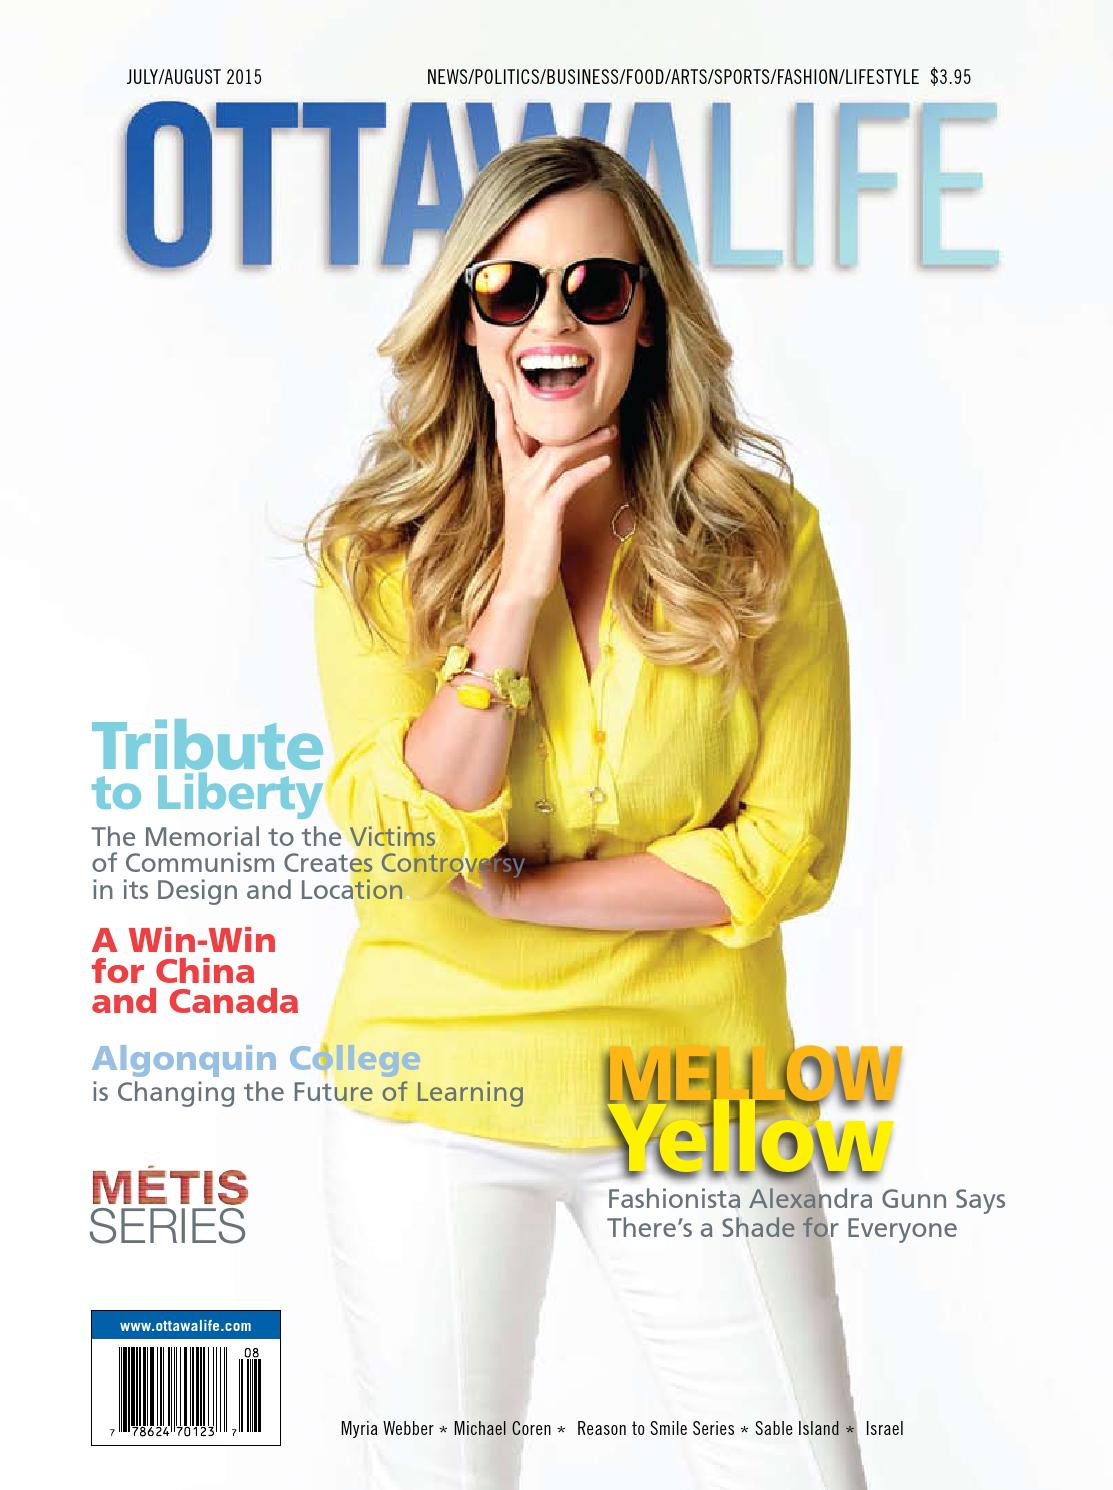 Ottawa Life Magazine - July/August 15